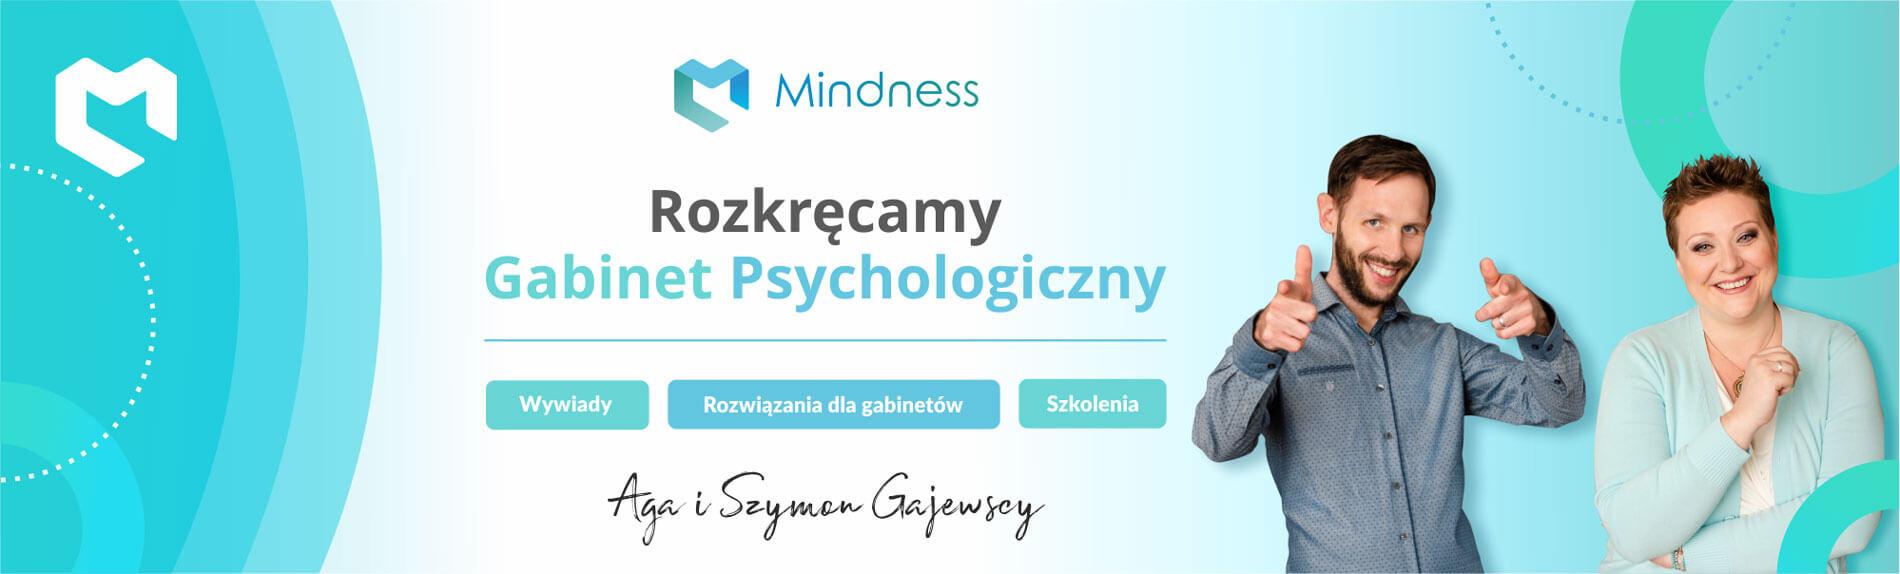 Mindness-Rozkrecamy-Gabinet-Psychologiczny-1(1)